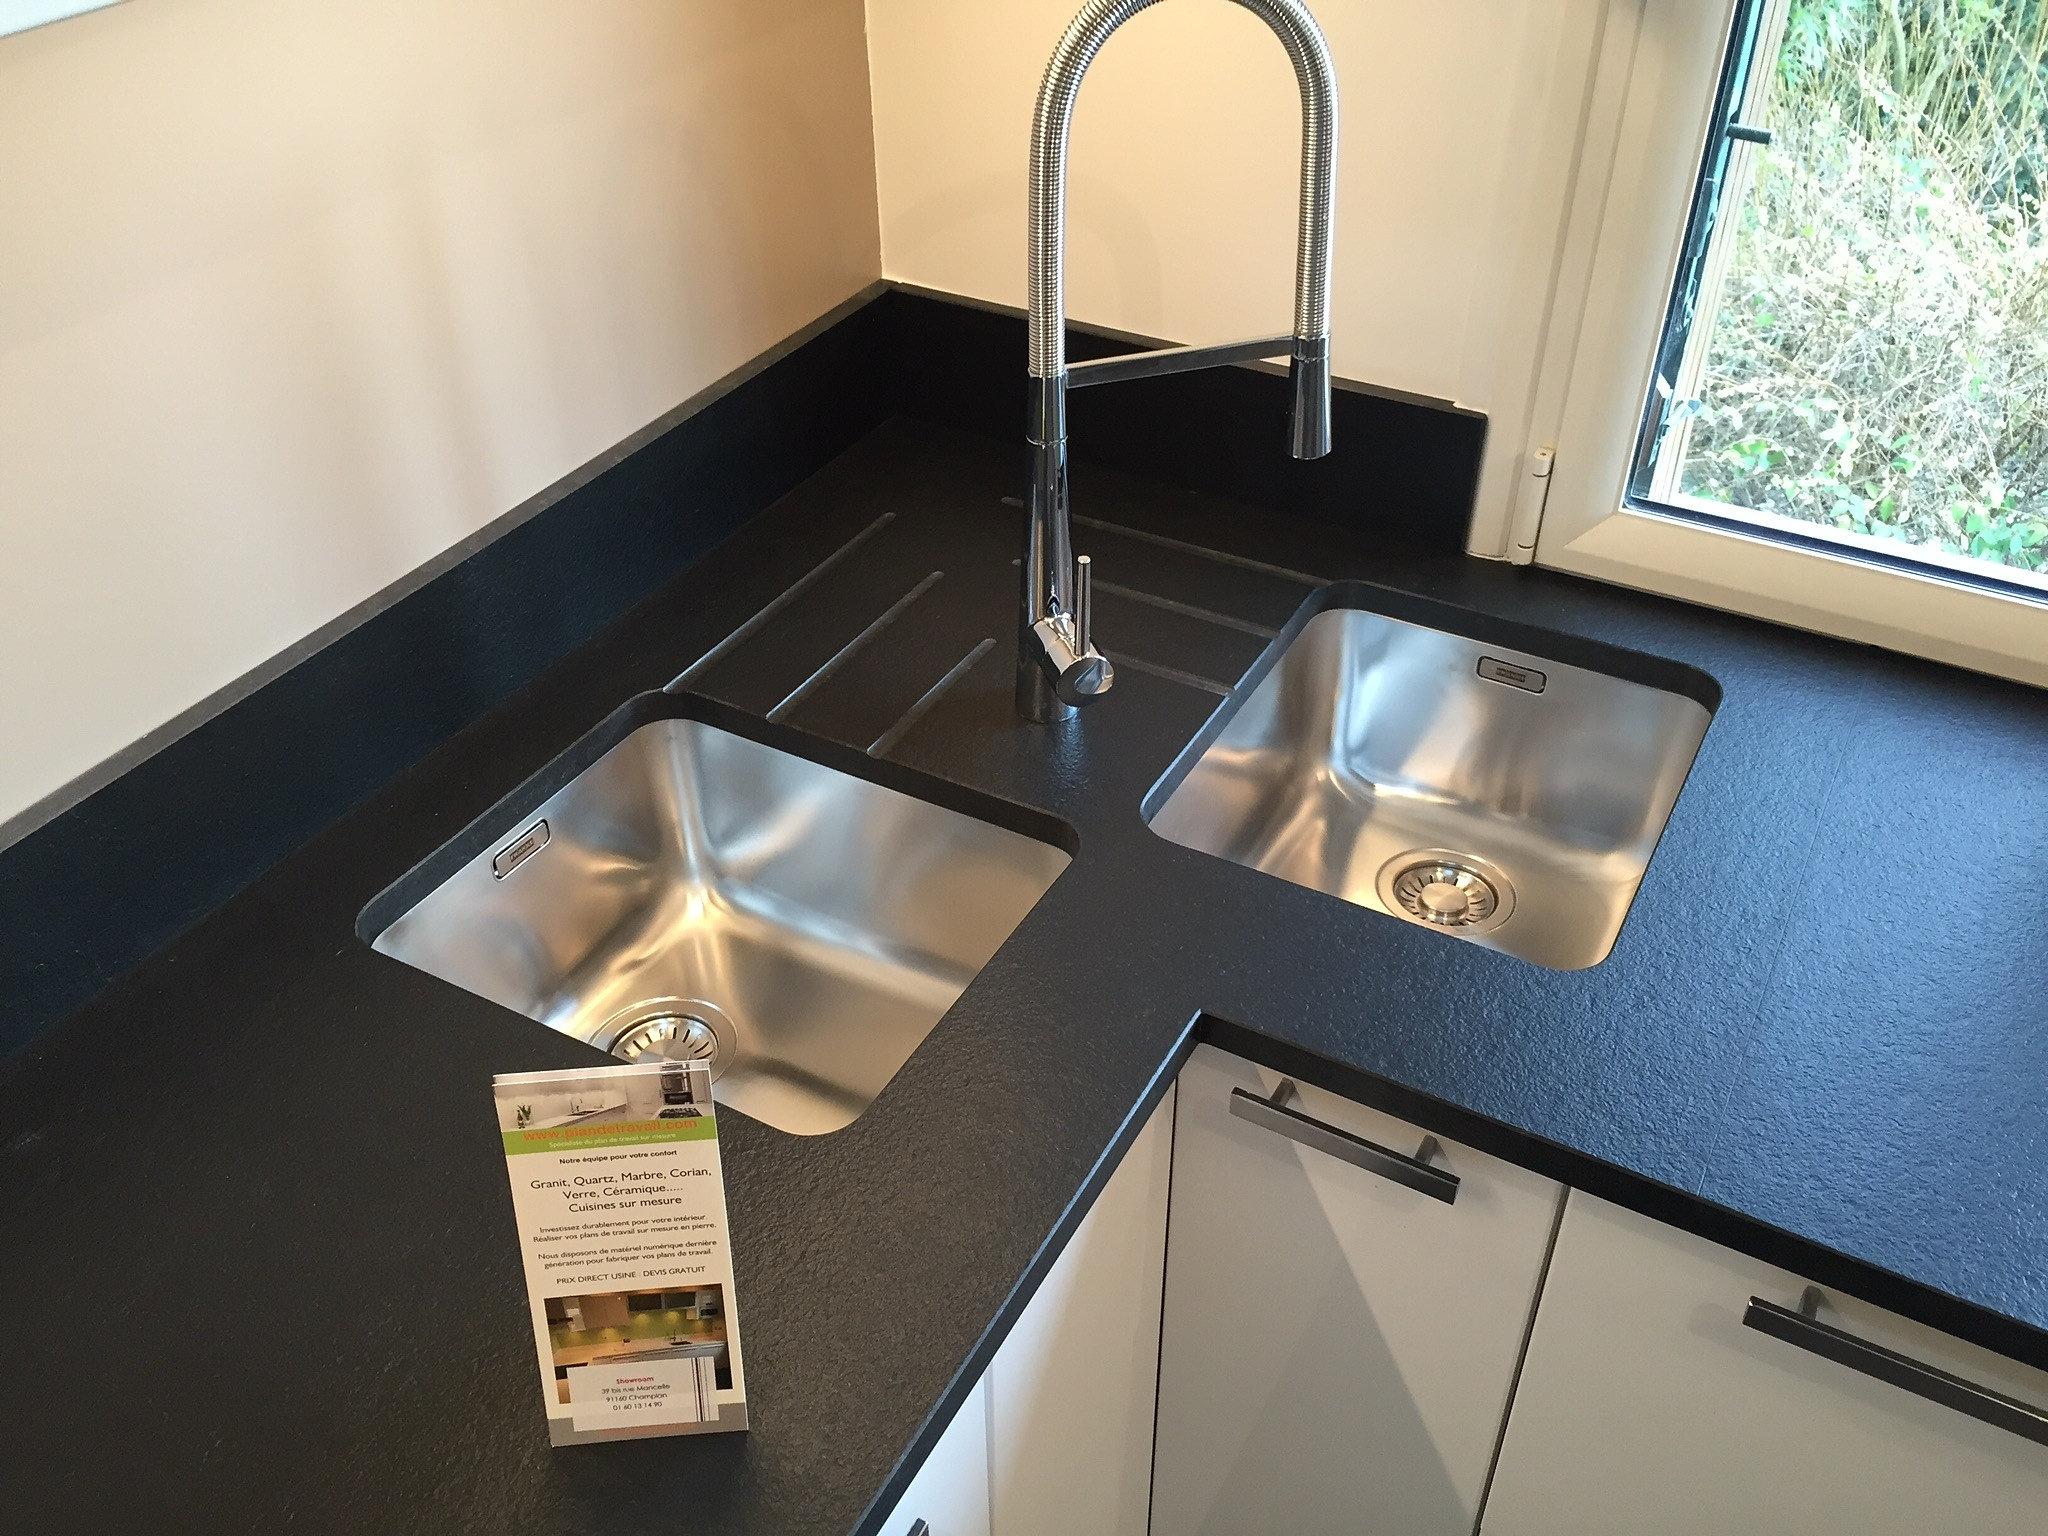 plan de travail granit quartz table en mabre paris essonne plans de travail pierre. Black Bedroom Furniture Sets. Home Design Ideas